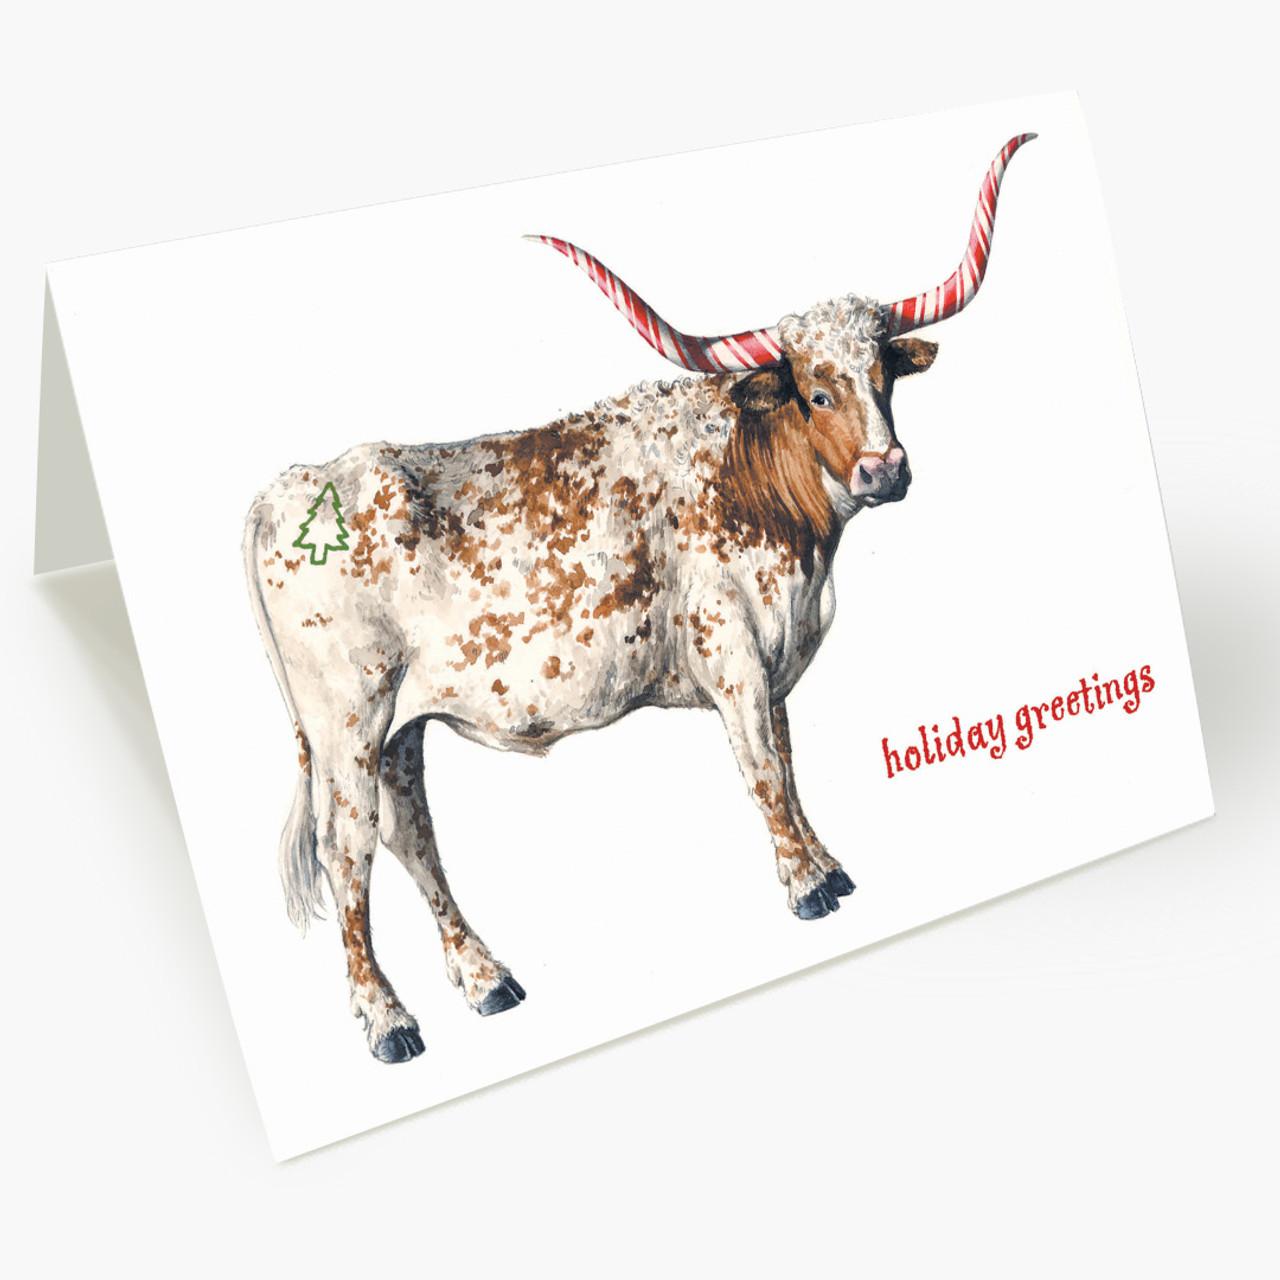 Candy Cane Longhorn Christmas Card